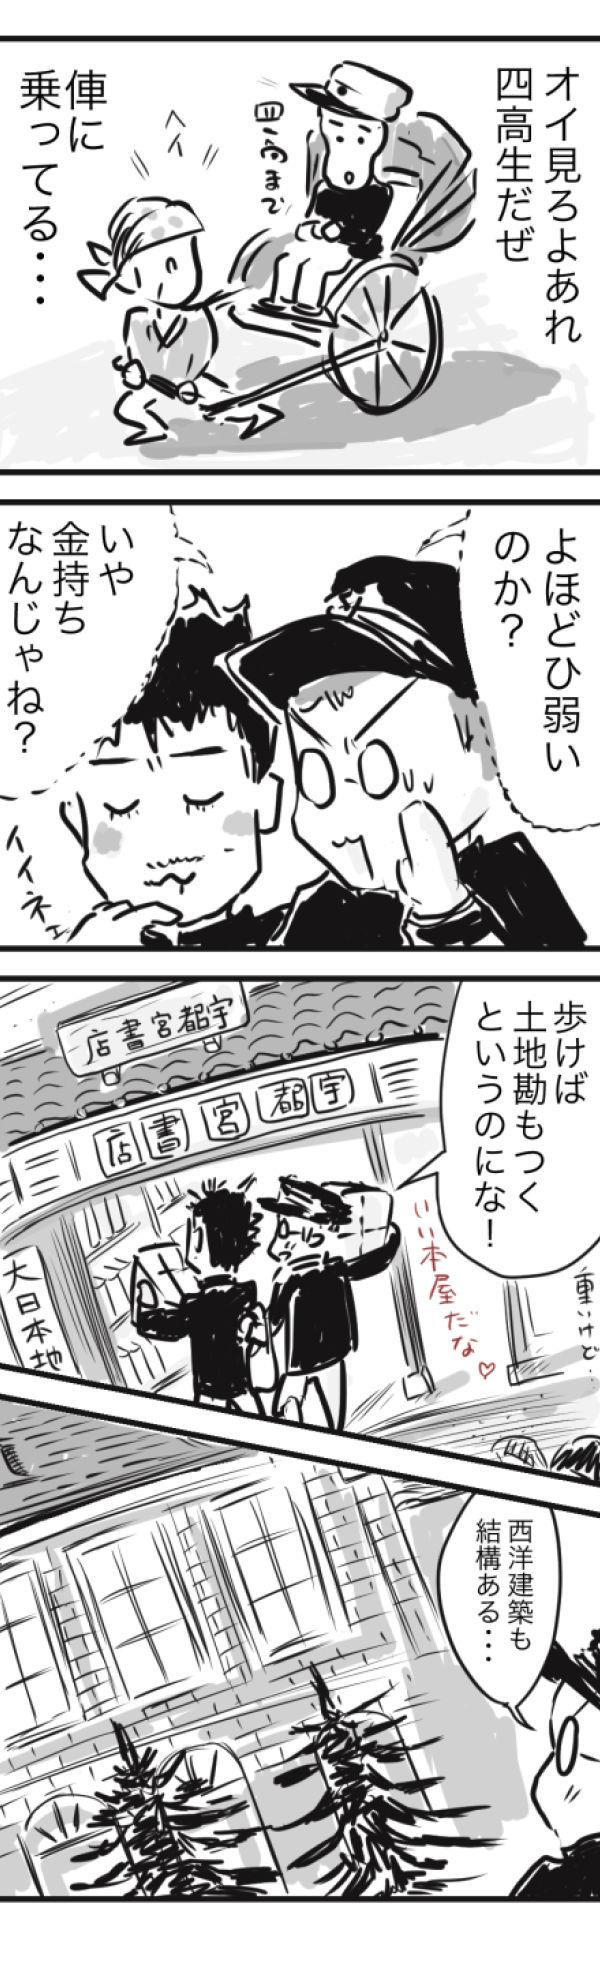 山田金沢1−3−1枠なし600